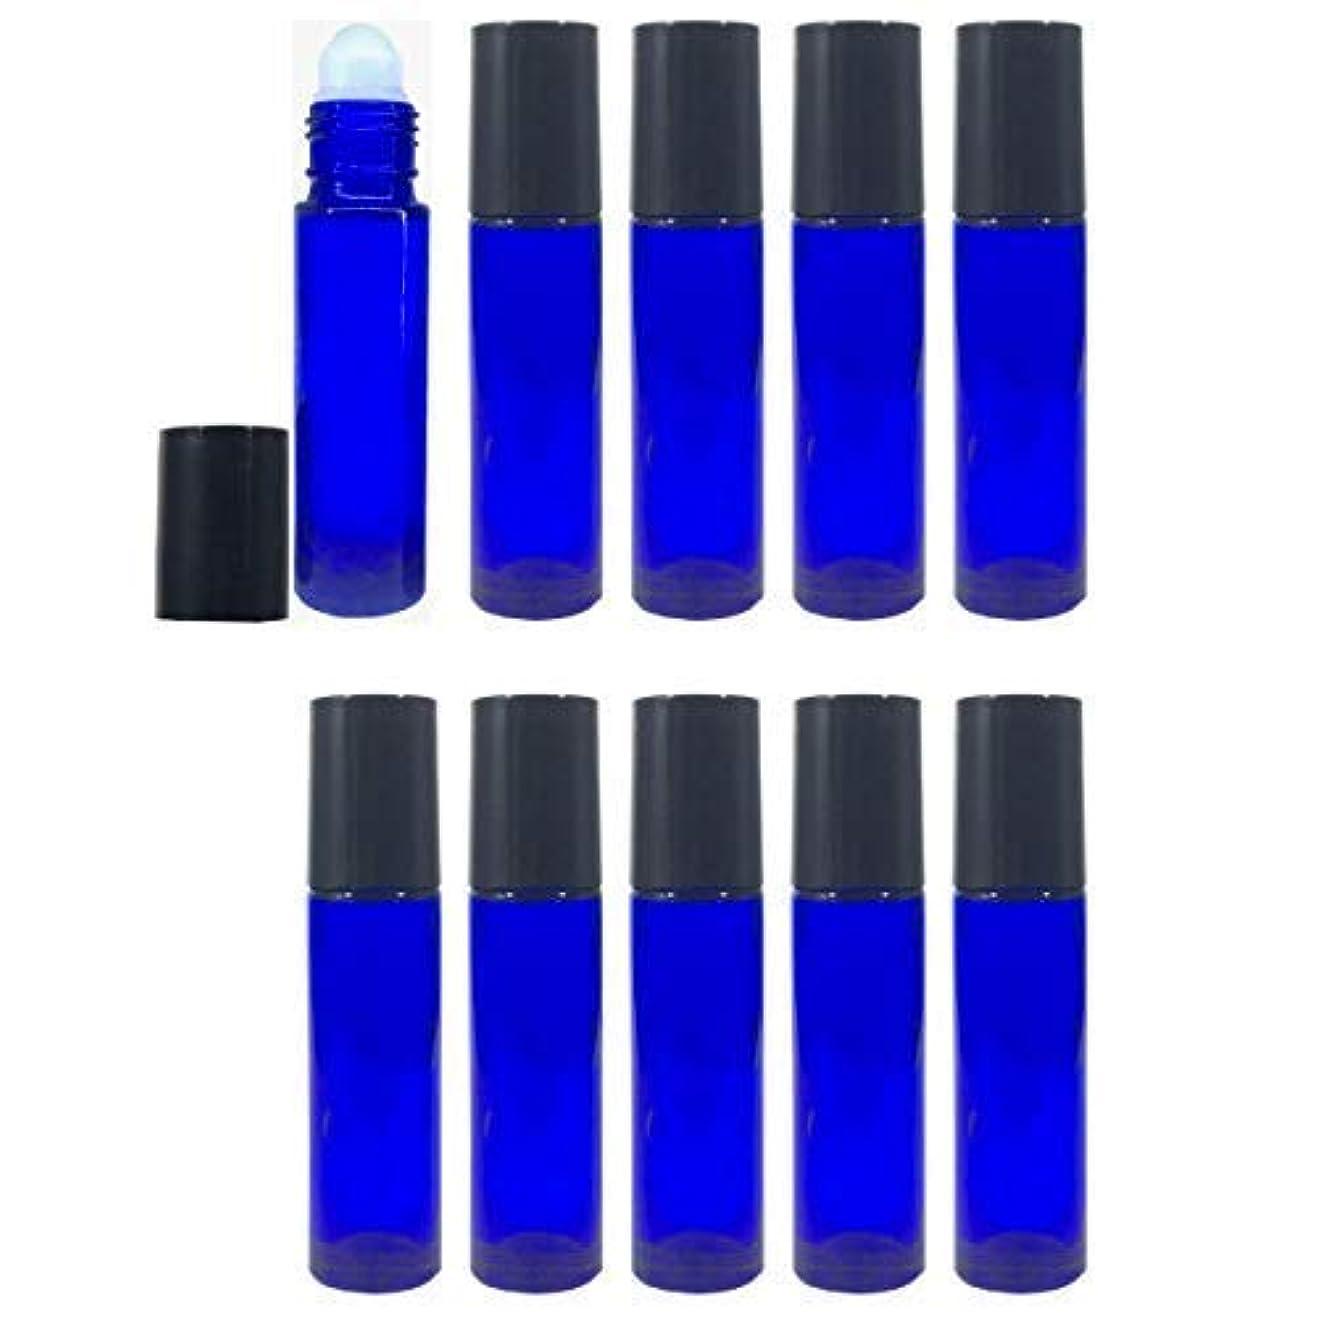 代替ペレグリネーションブランクロールオンボトル 10ml 10本セット アロマオイル 遮光瓶 ガラスロールタイプ 手作り香水 (ブルー/10ml?10本)